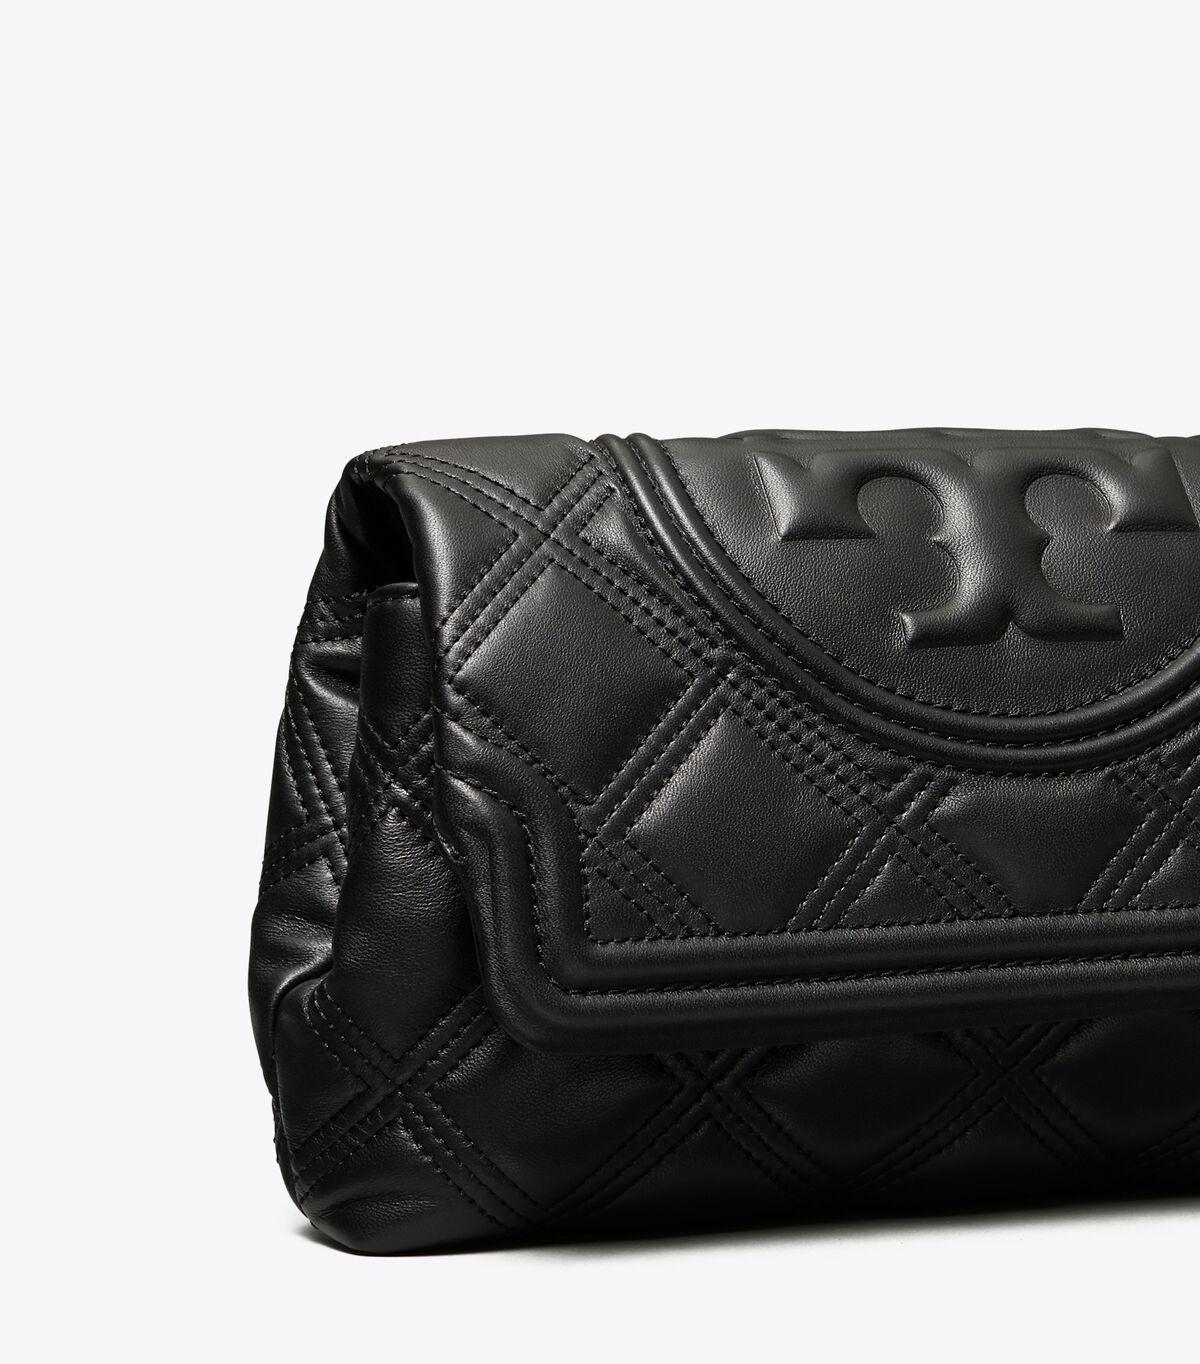 حقيبة يد فليمنغ سوفت / 001 / حقائب يد